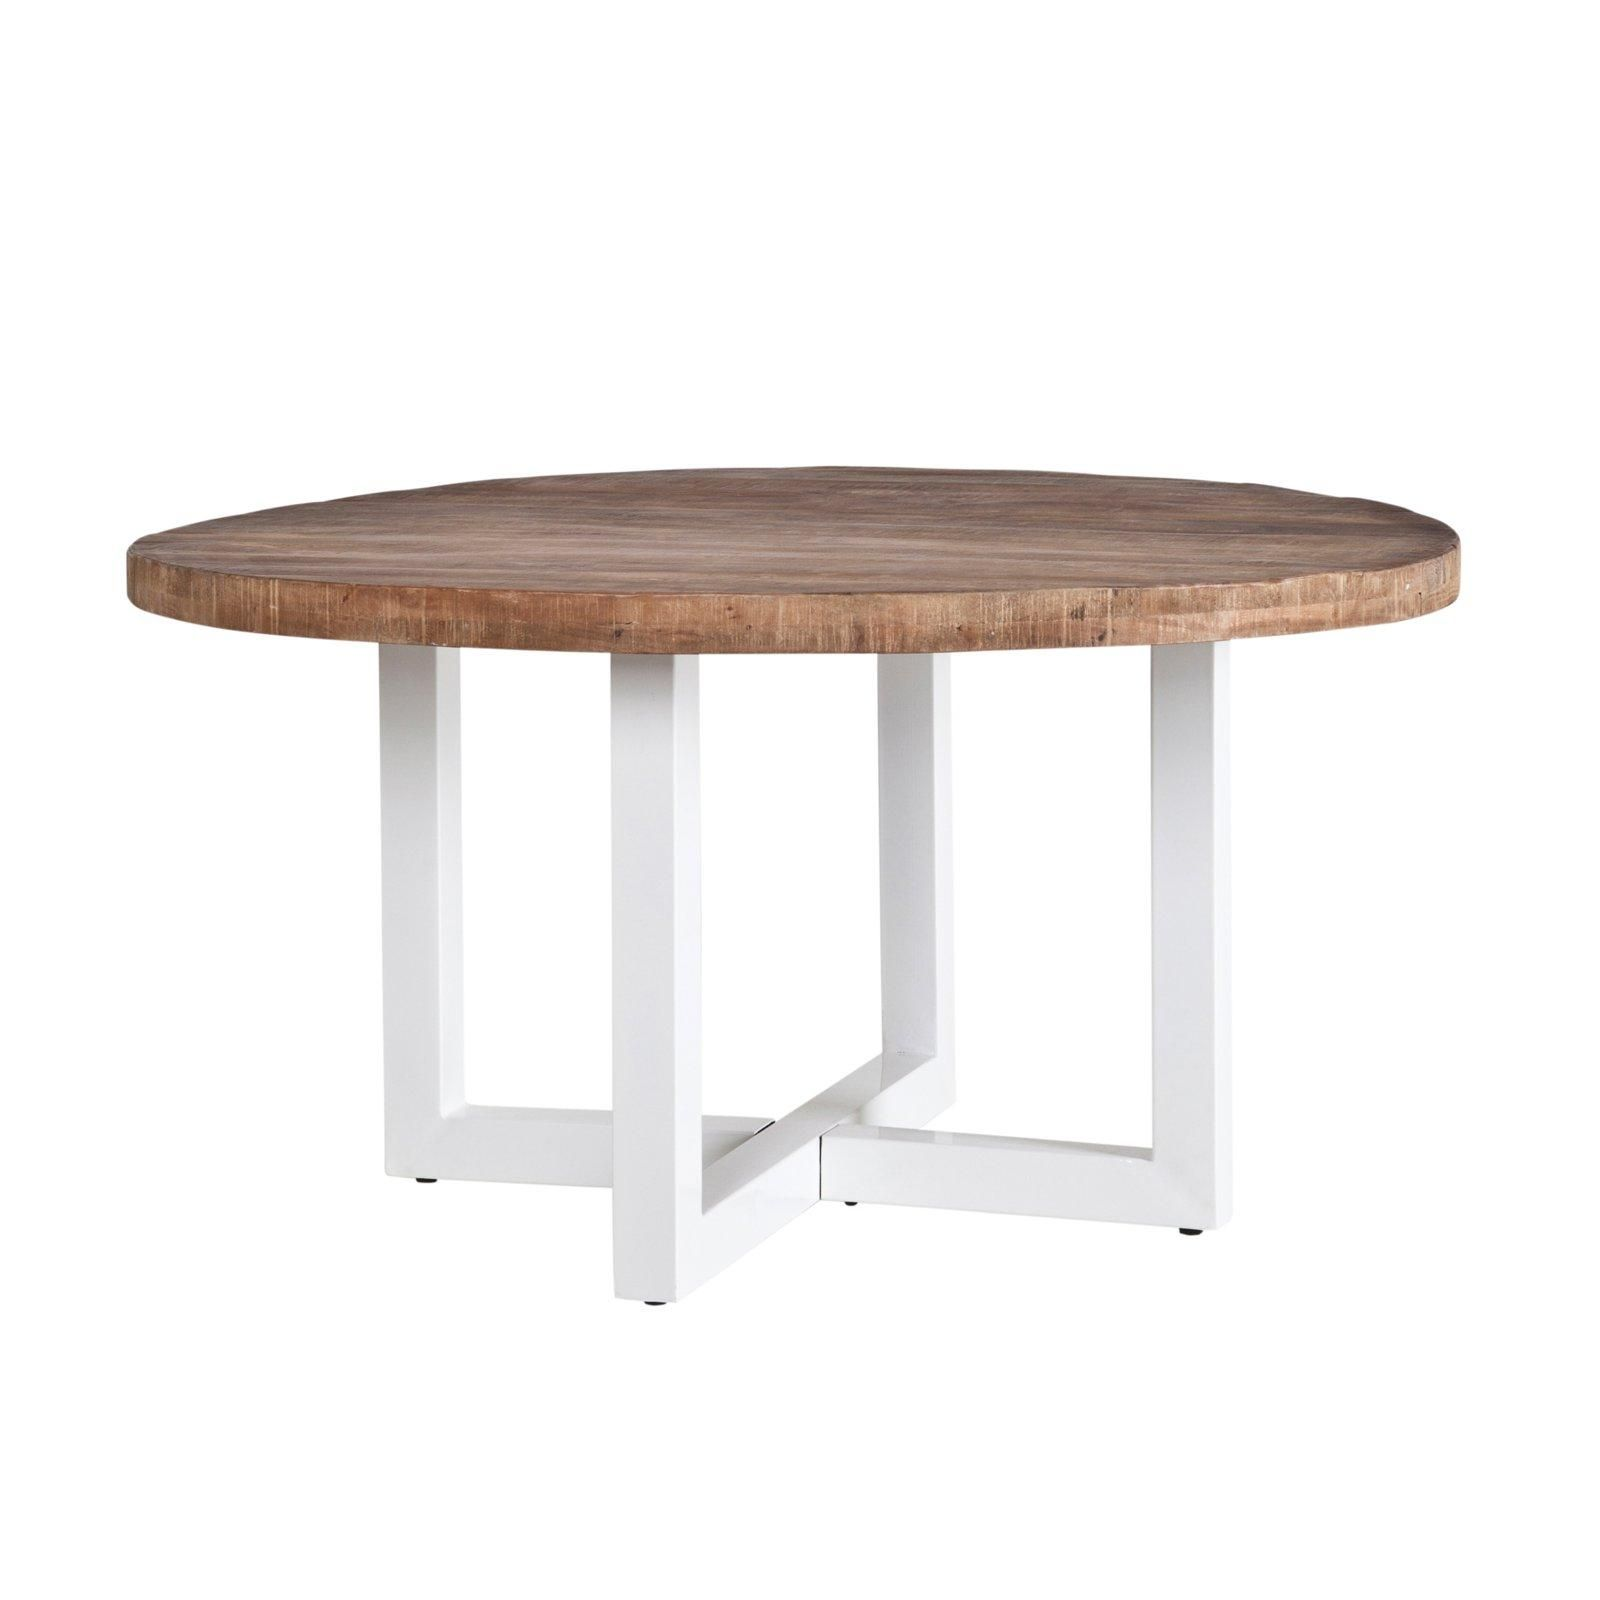 Esstisch Harbor Rund Mit Weissem Tischgestell Und Massiver Platte